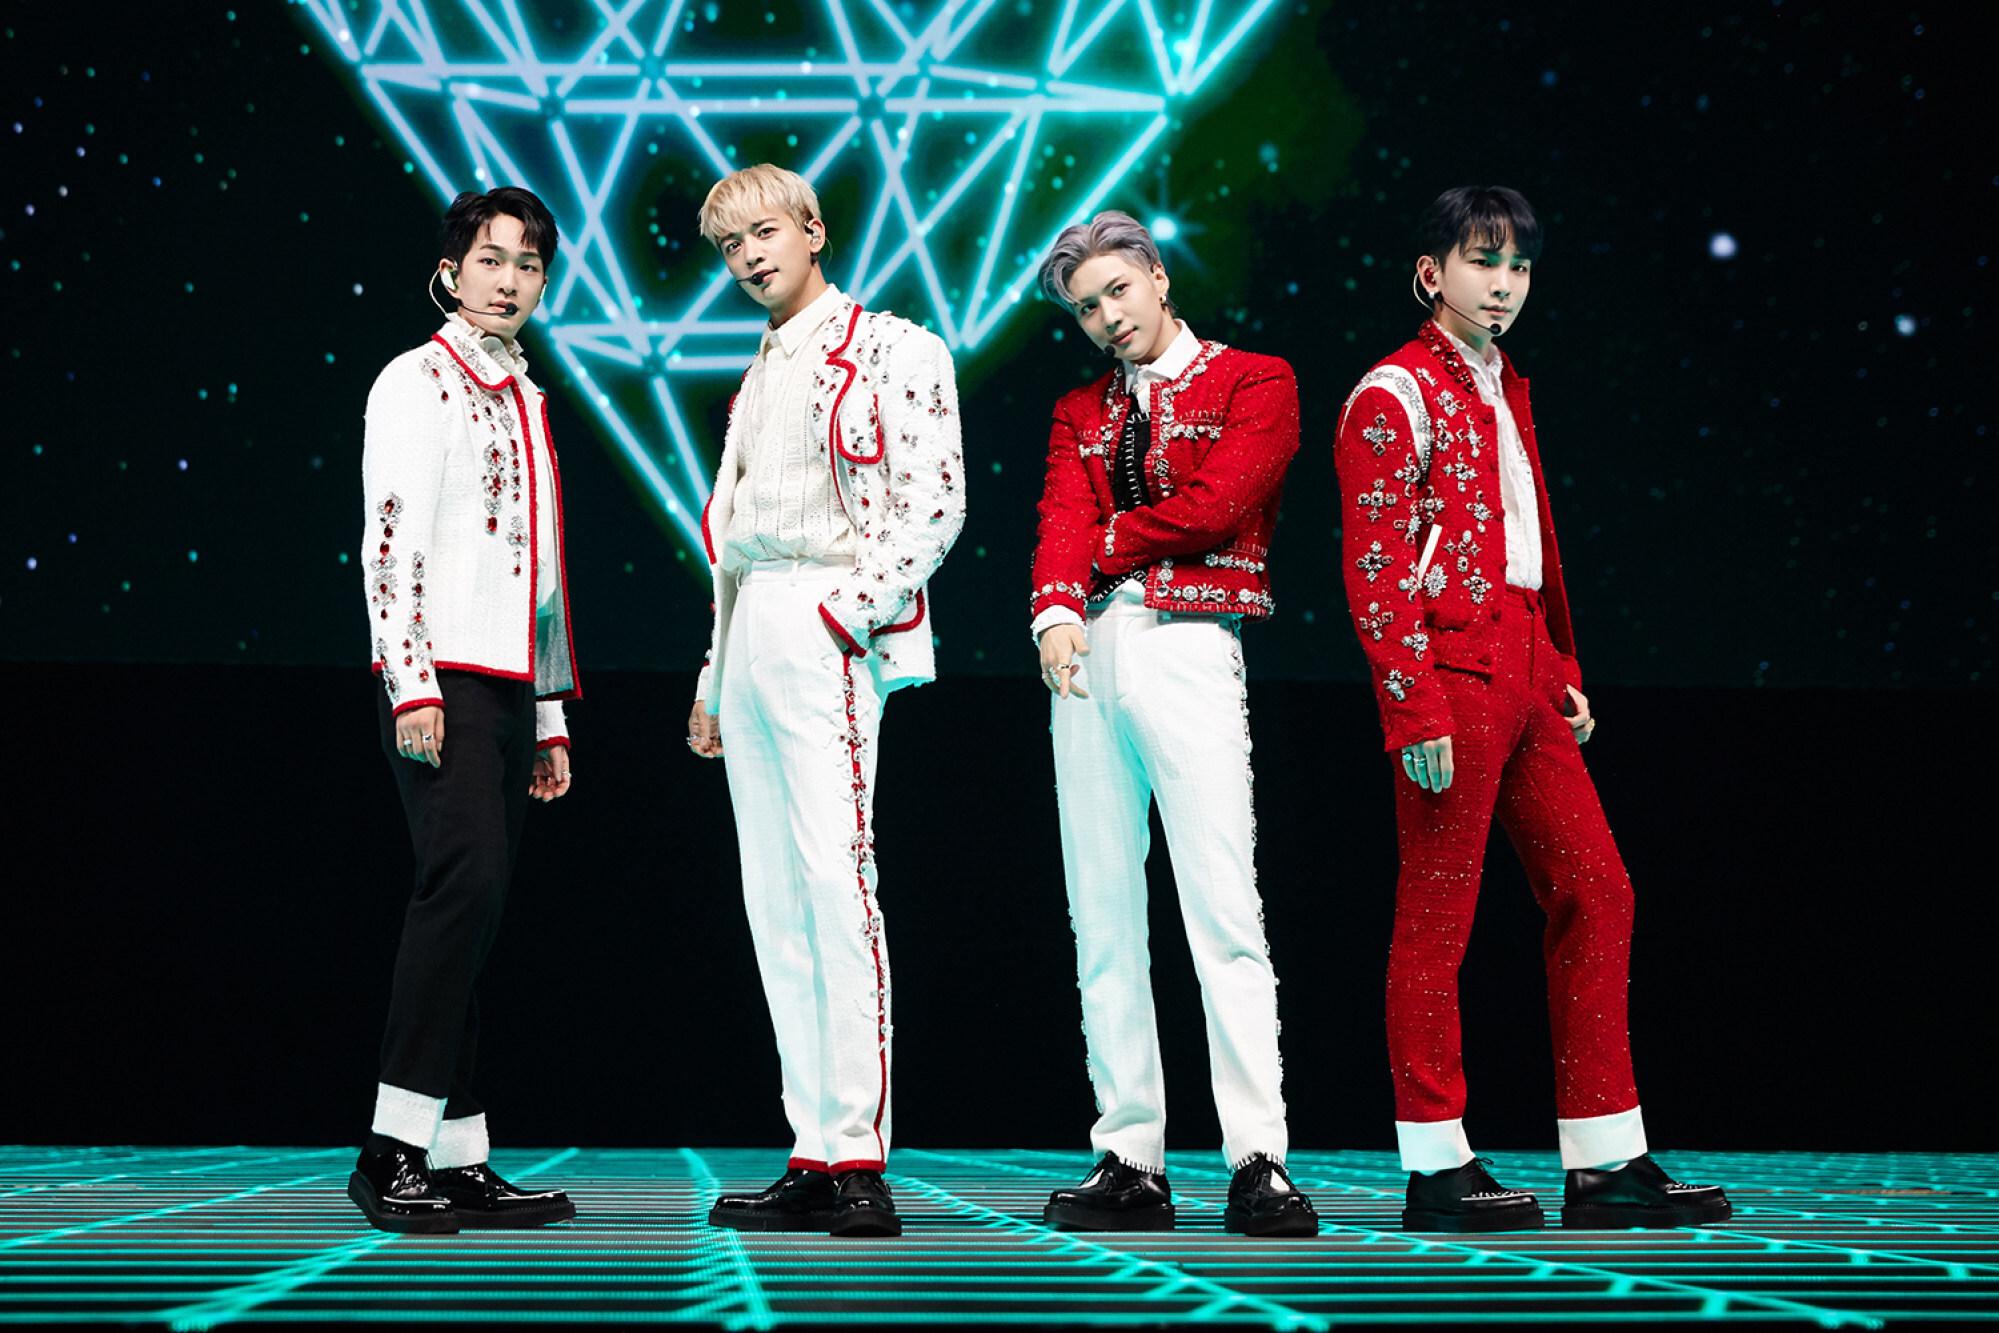 Rocket Punch dipengaruhi oleh Shinee, dan sering menggunakan musik mereka untuk pemanasan  Foto SM Entertainment